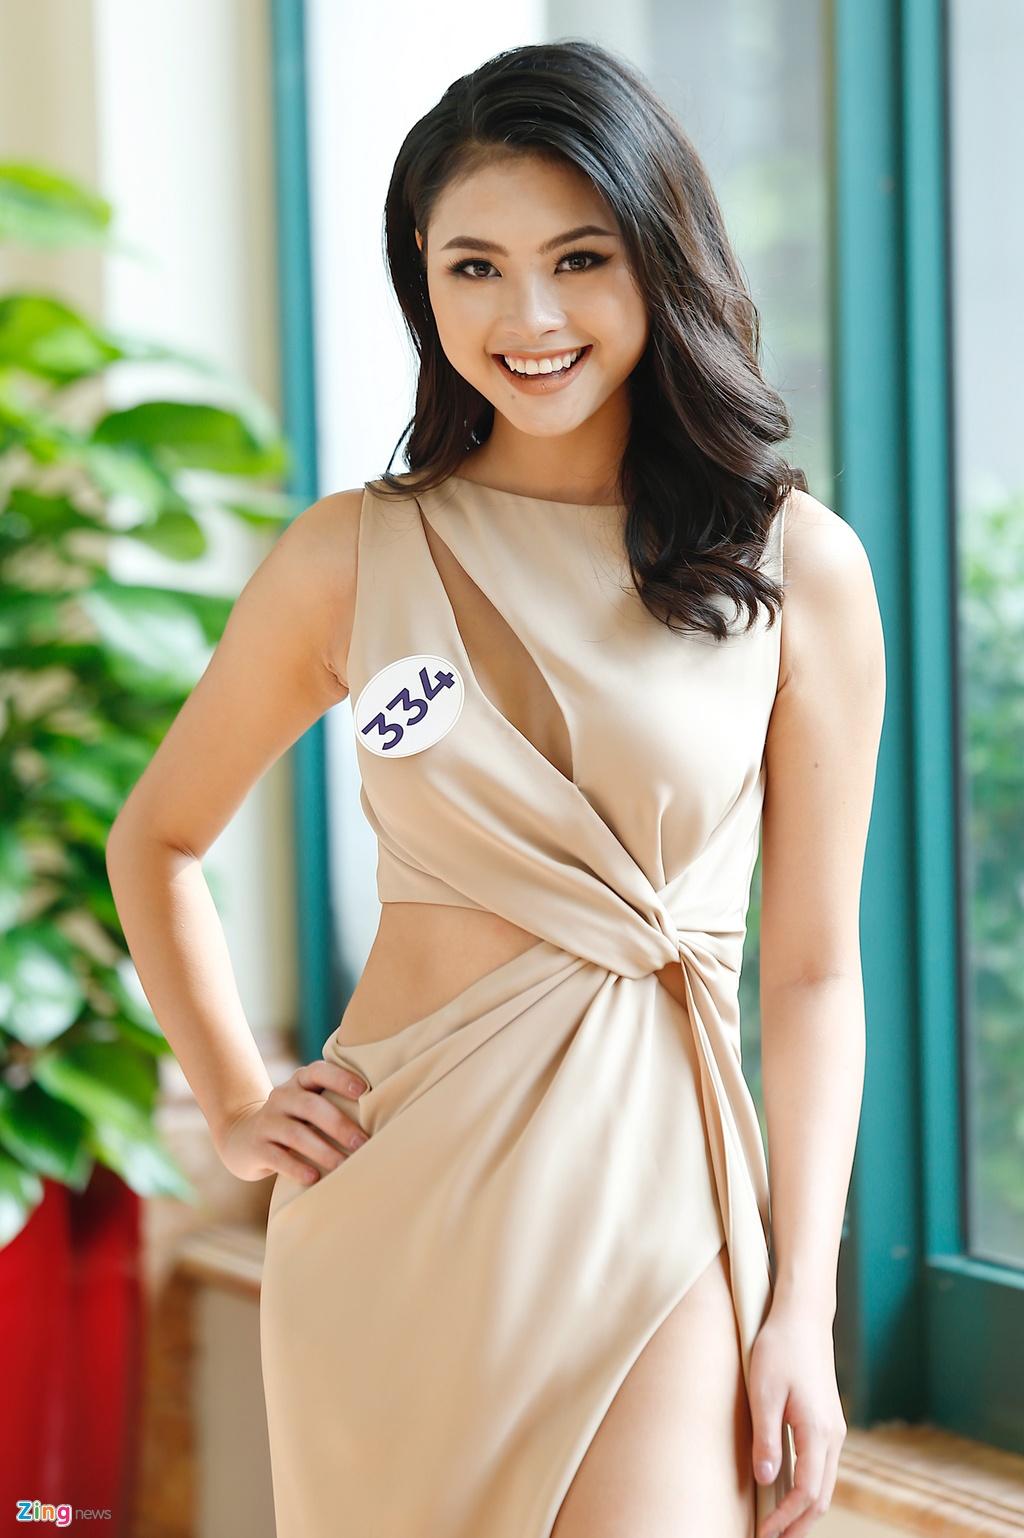 Hoa hau Hoan vu 2019: Dan nguoi dep co danh hieu lan at thi sinh moi hinh anh 4